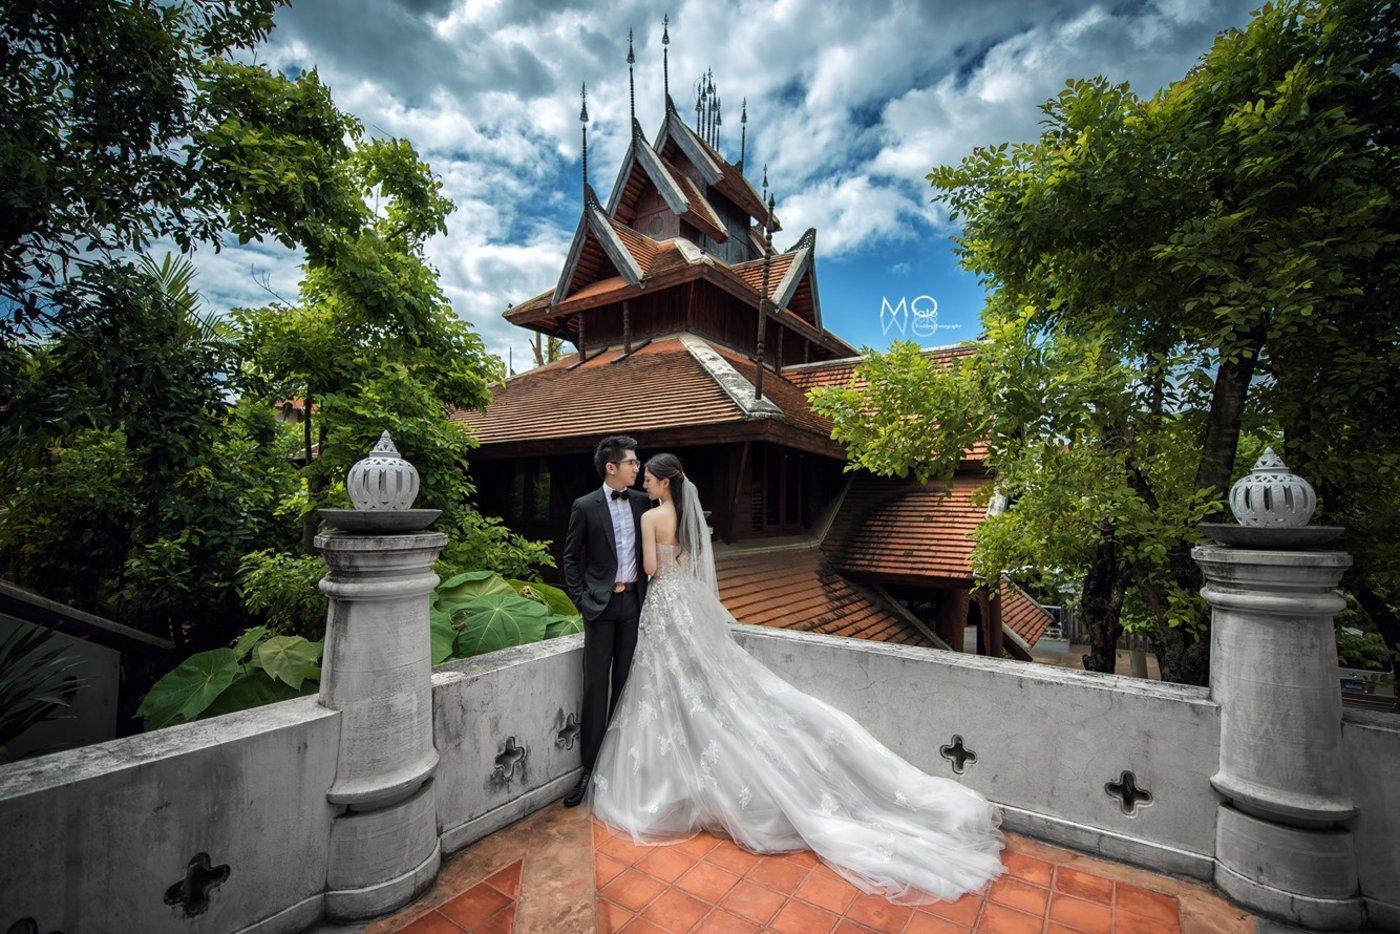 Mofoto 婚纱旅拍 泰国5